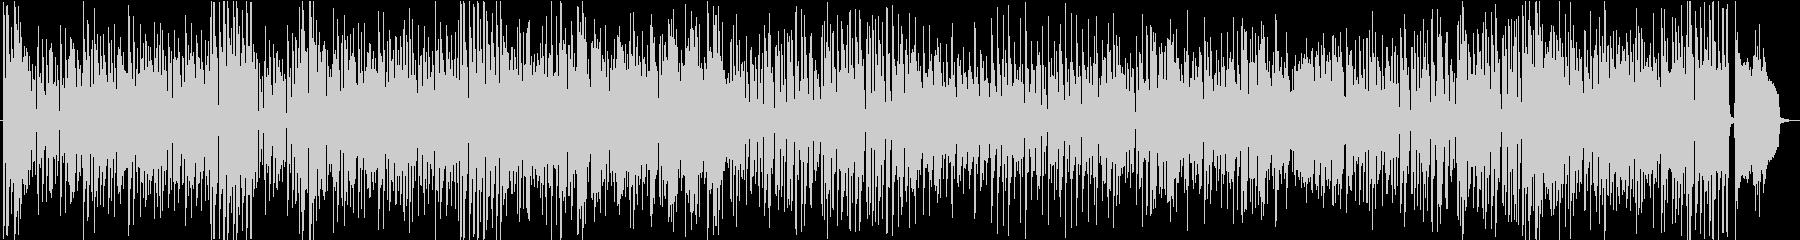 コミカルで軽快なジャズ風サックスの未再生の波形